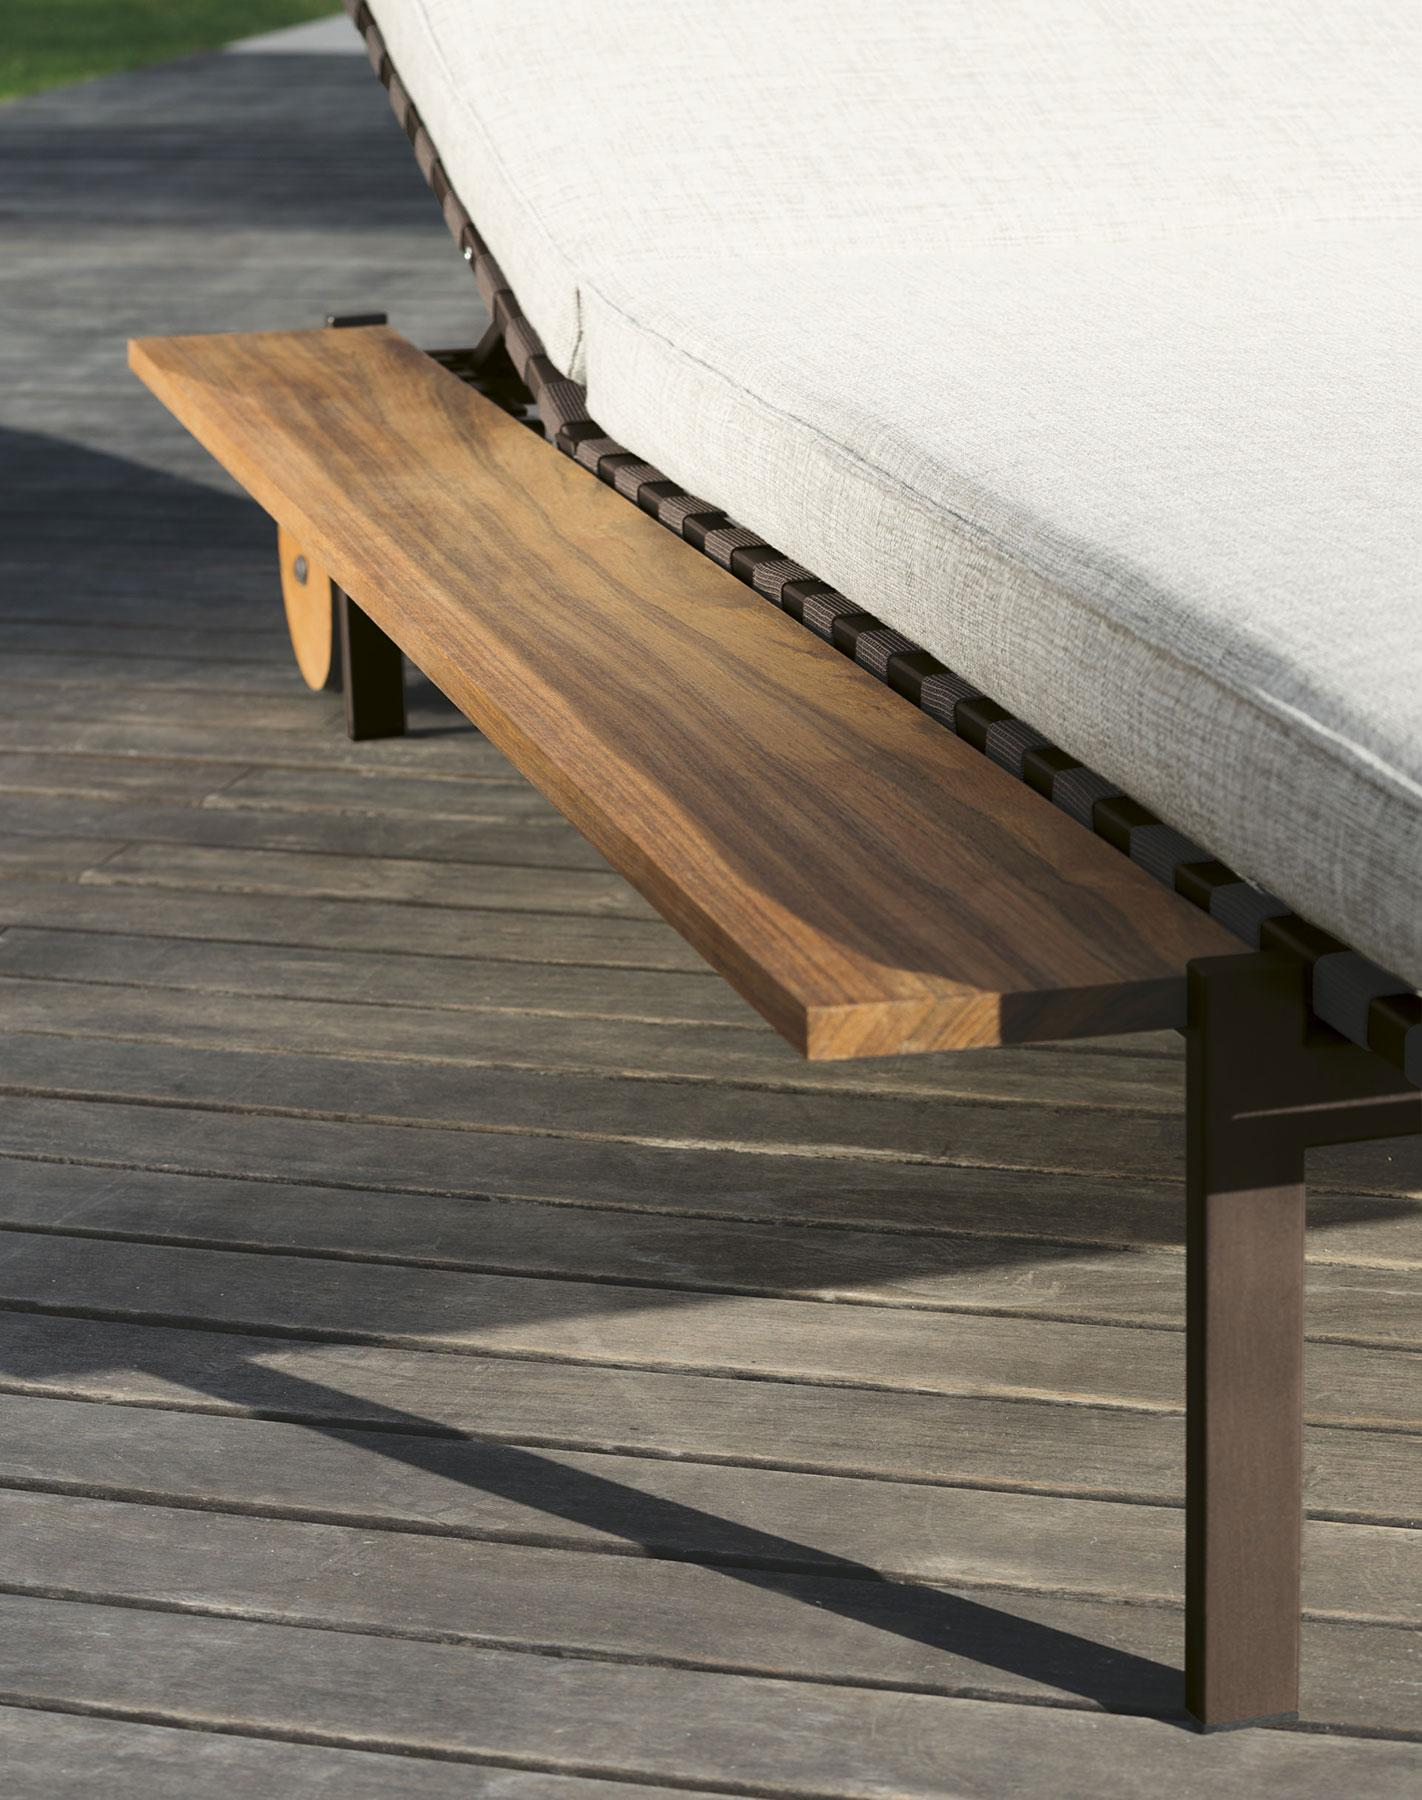 Faszinierend Lounge Outdoor Referenz Von Sun Chair For Garden Furniture. Furnish Your